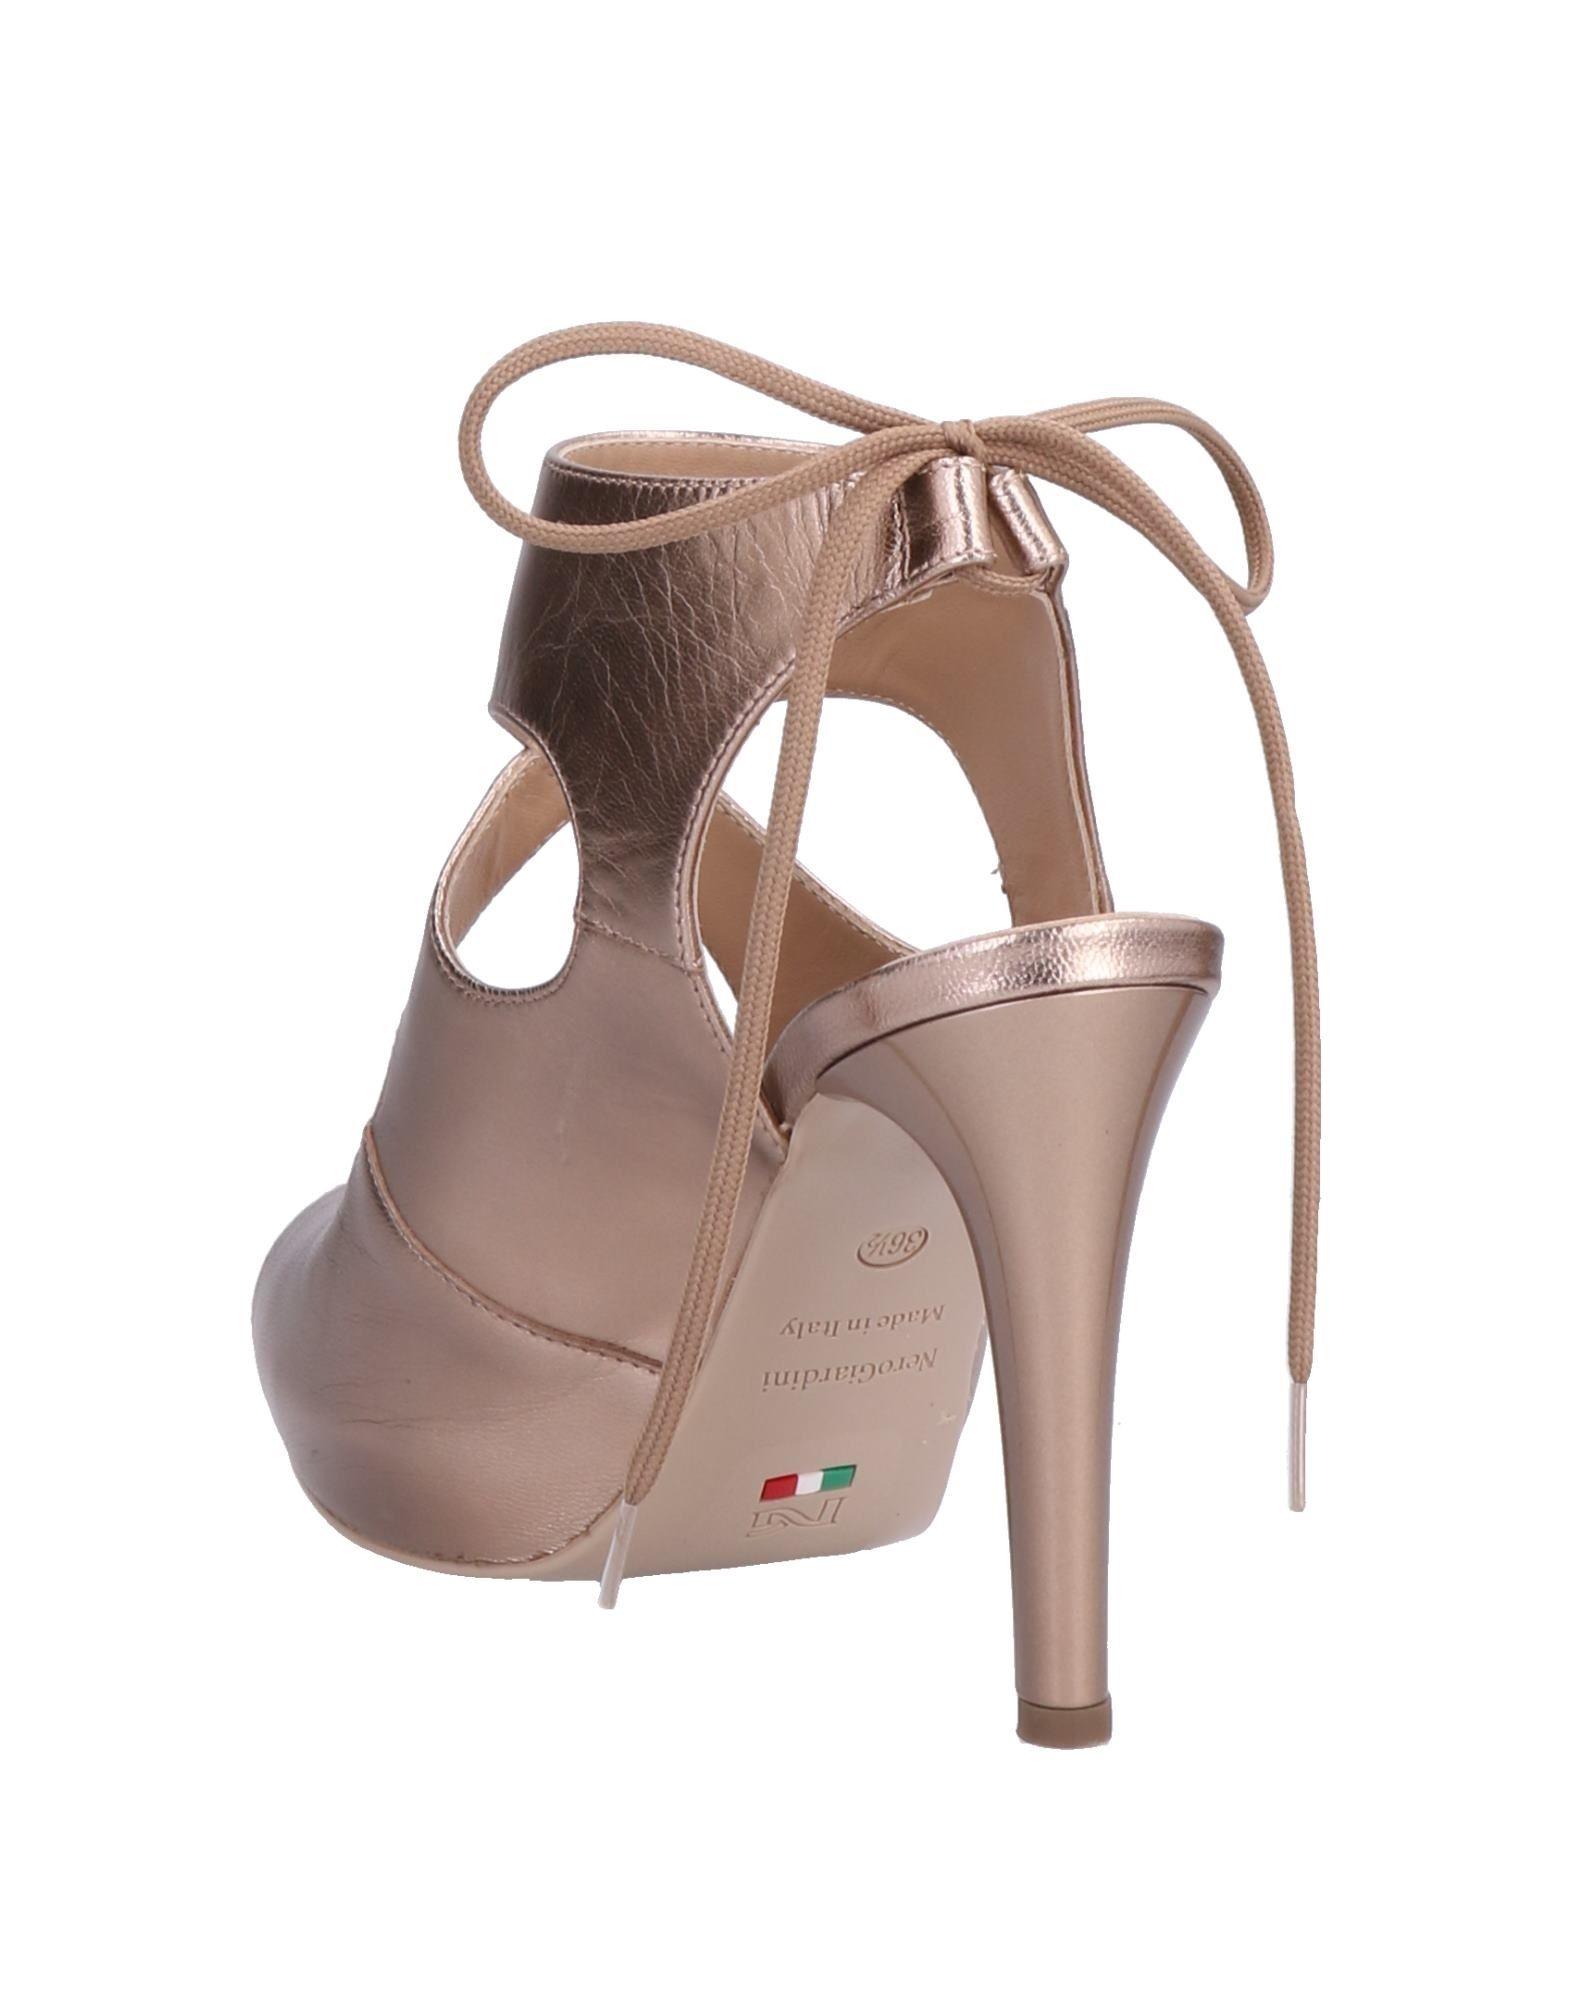 Nero Gutes Giardini Sandalen Damen Gutes Nero Preis-Leistungs-Verhältnis, es lohnt sich bbfde9